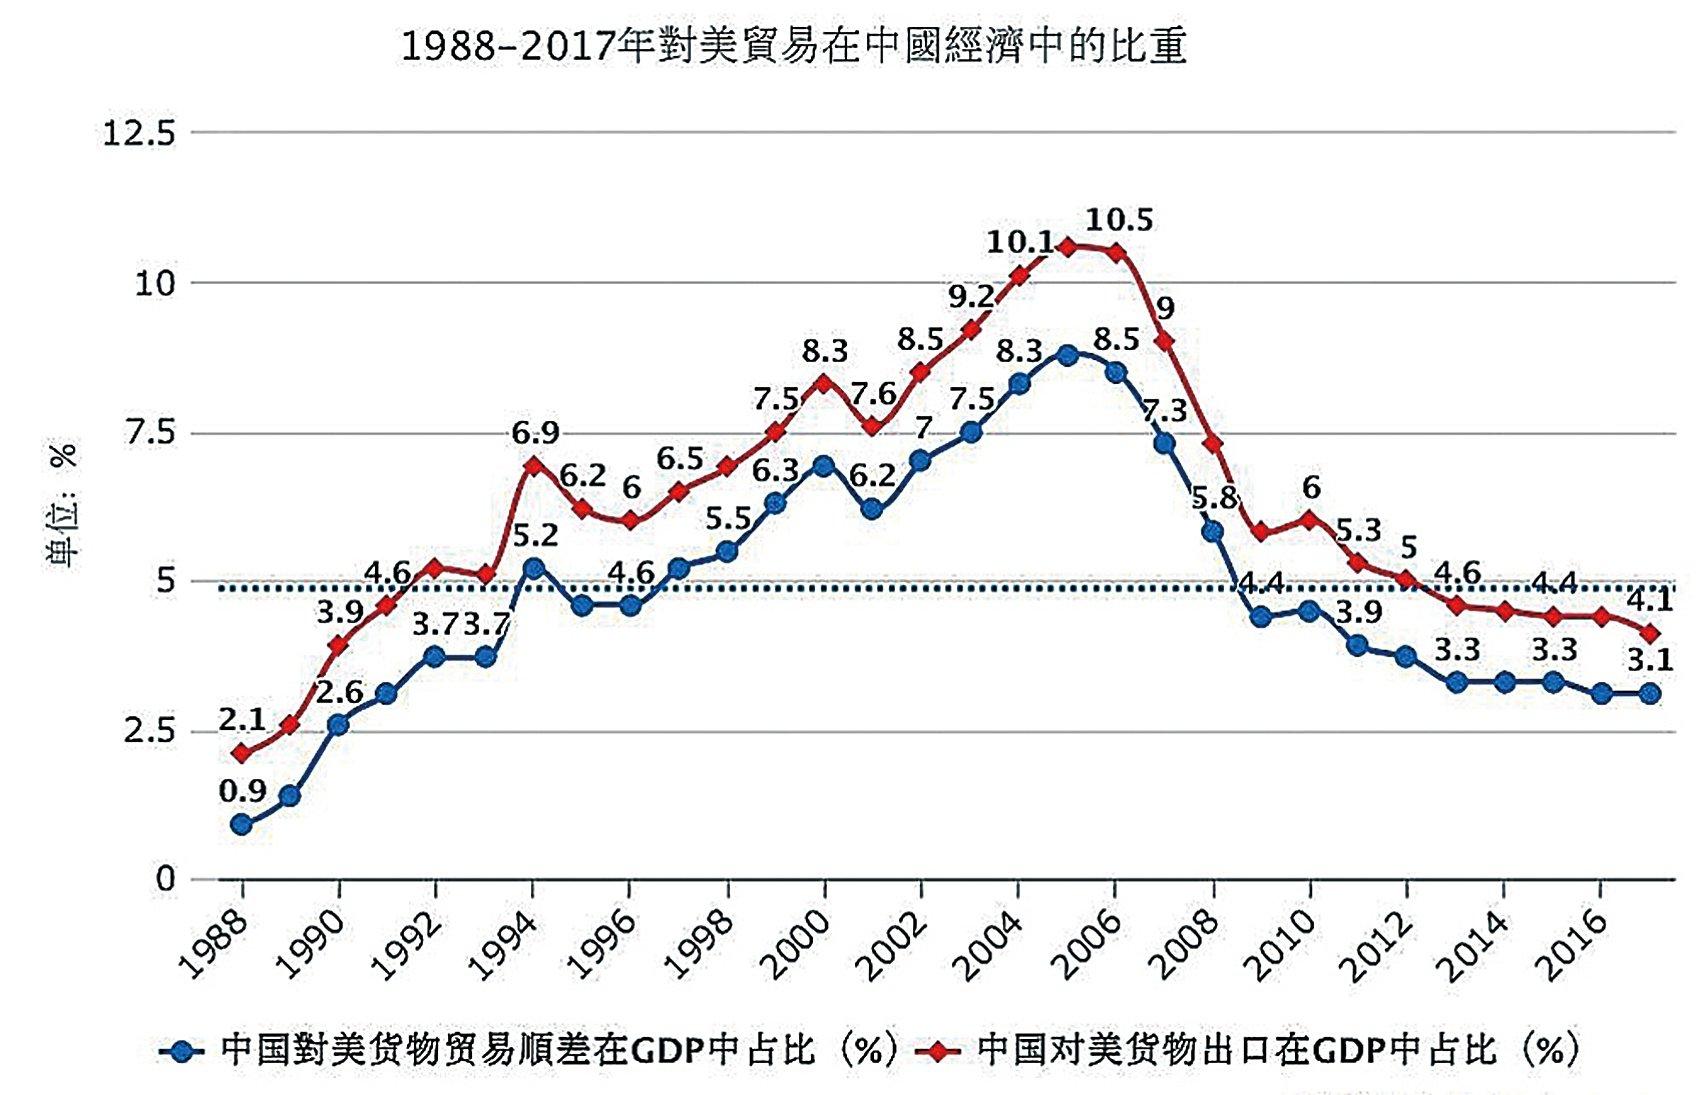 1988~2017年對美貿易在中國經濟中的比重(大紀元製表:數據分析基於中共和美國官方數據)